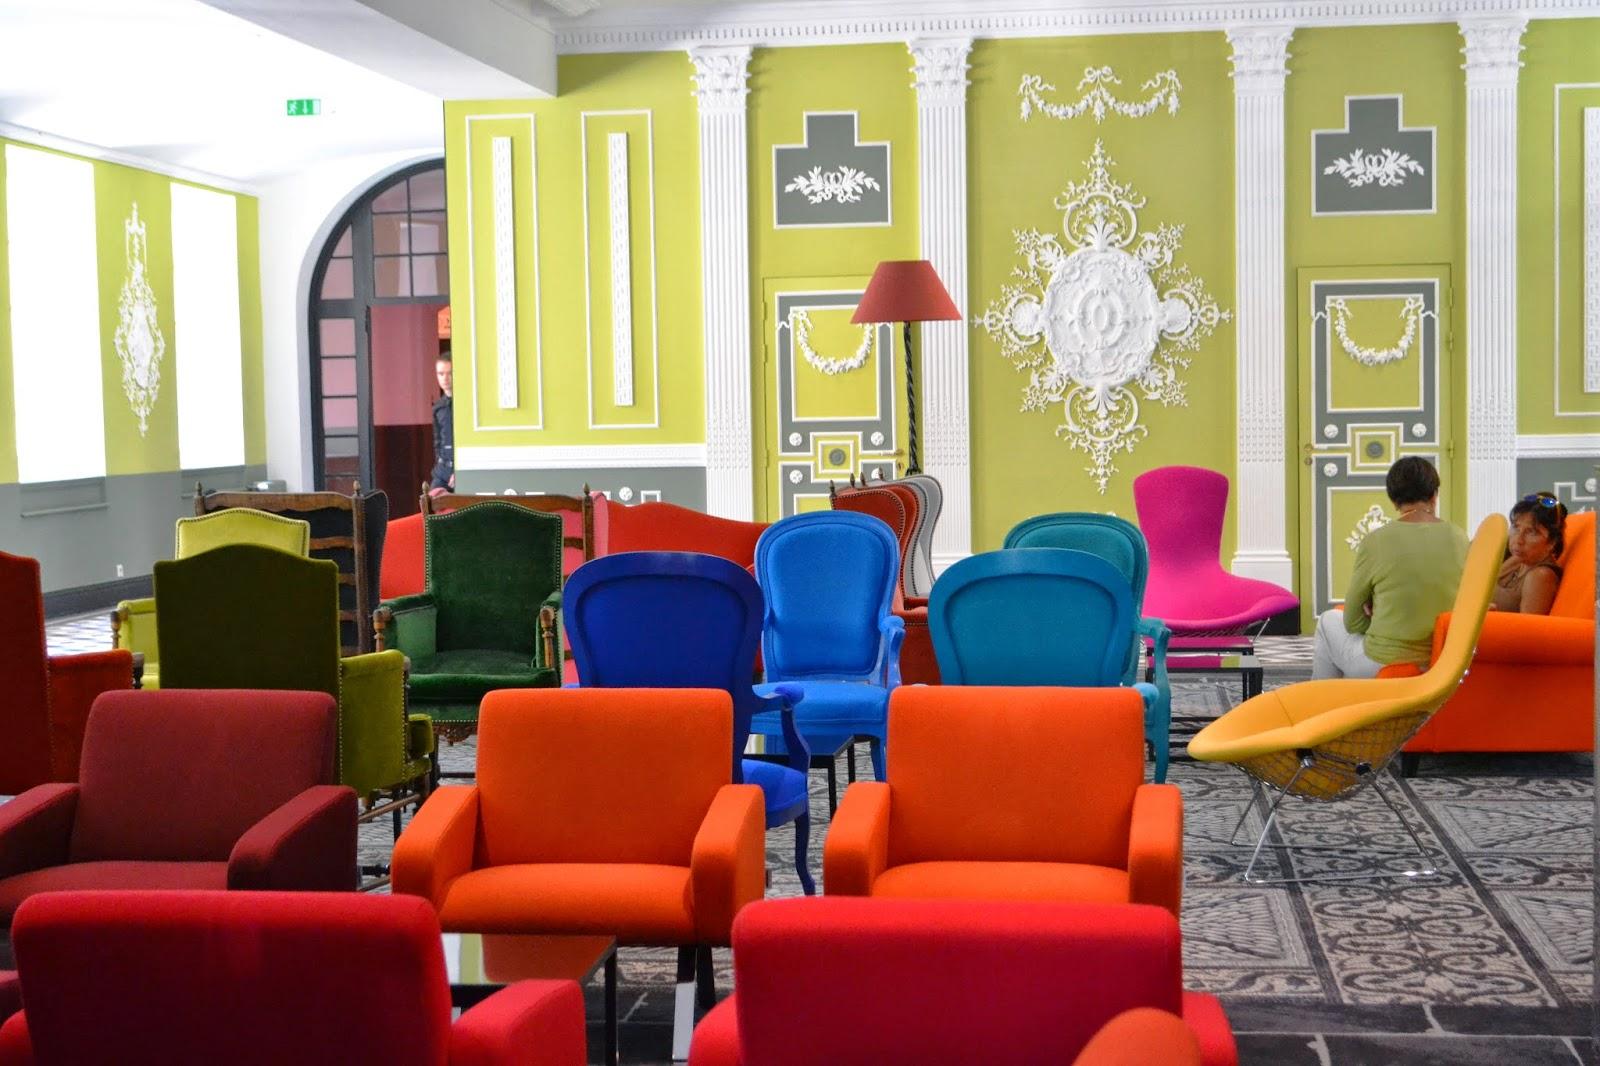 charlotte h hotel jules cesar arles. Black Bedroom Furniture Sets. Home Design Ideas